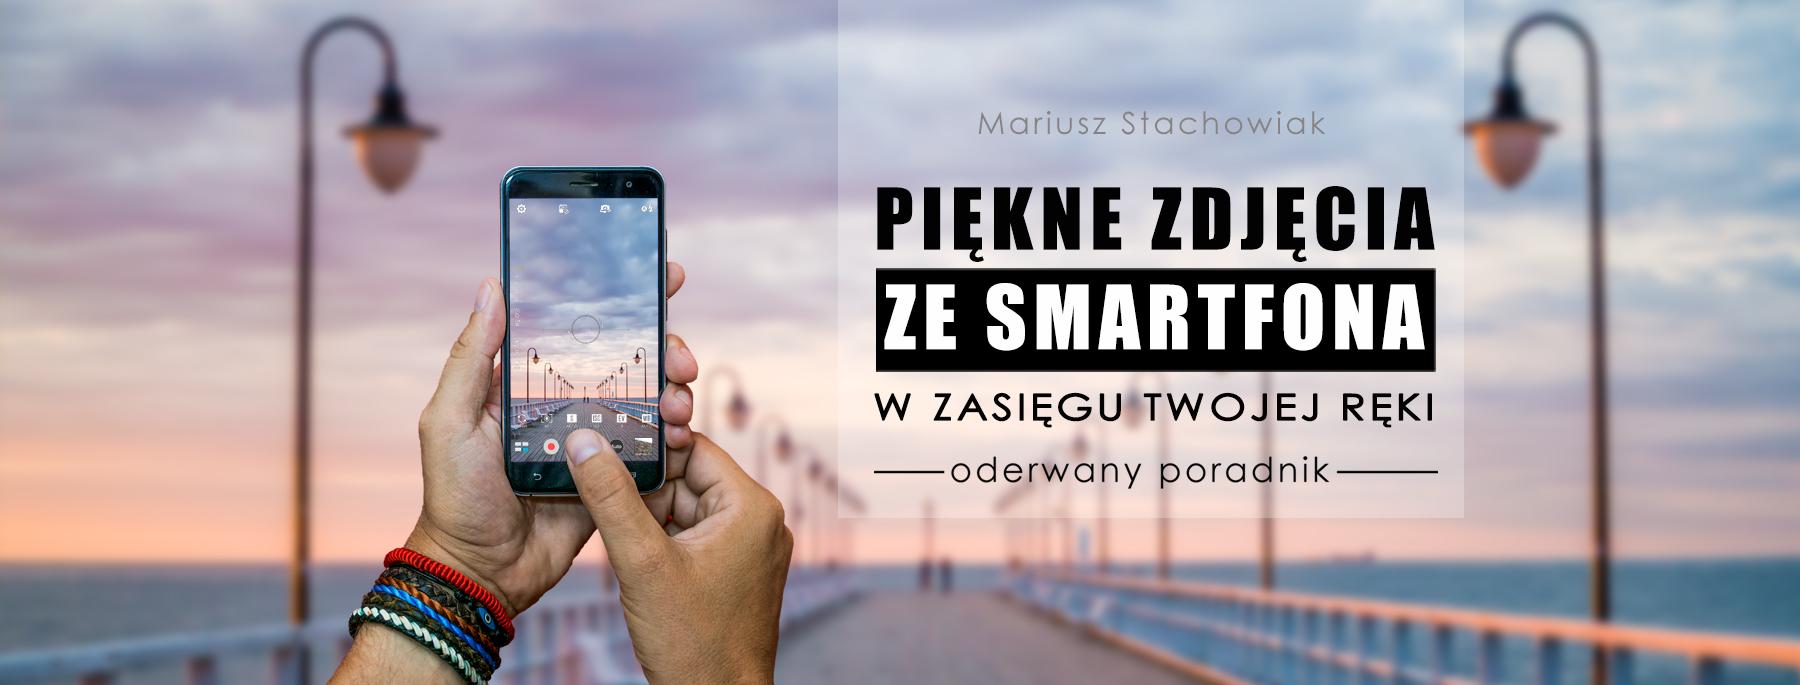 warsztaty fotografii mobilnej jak fotografować smartfonem